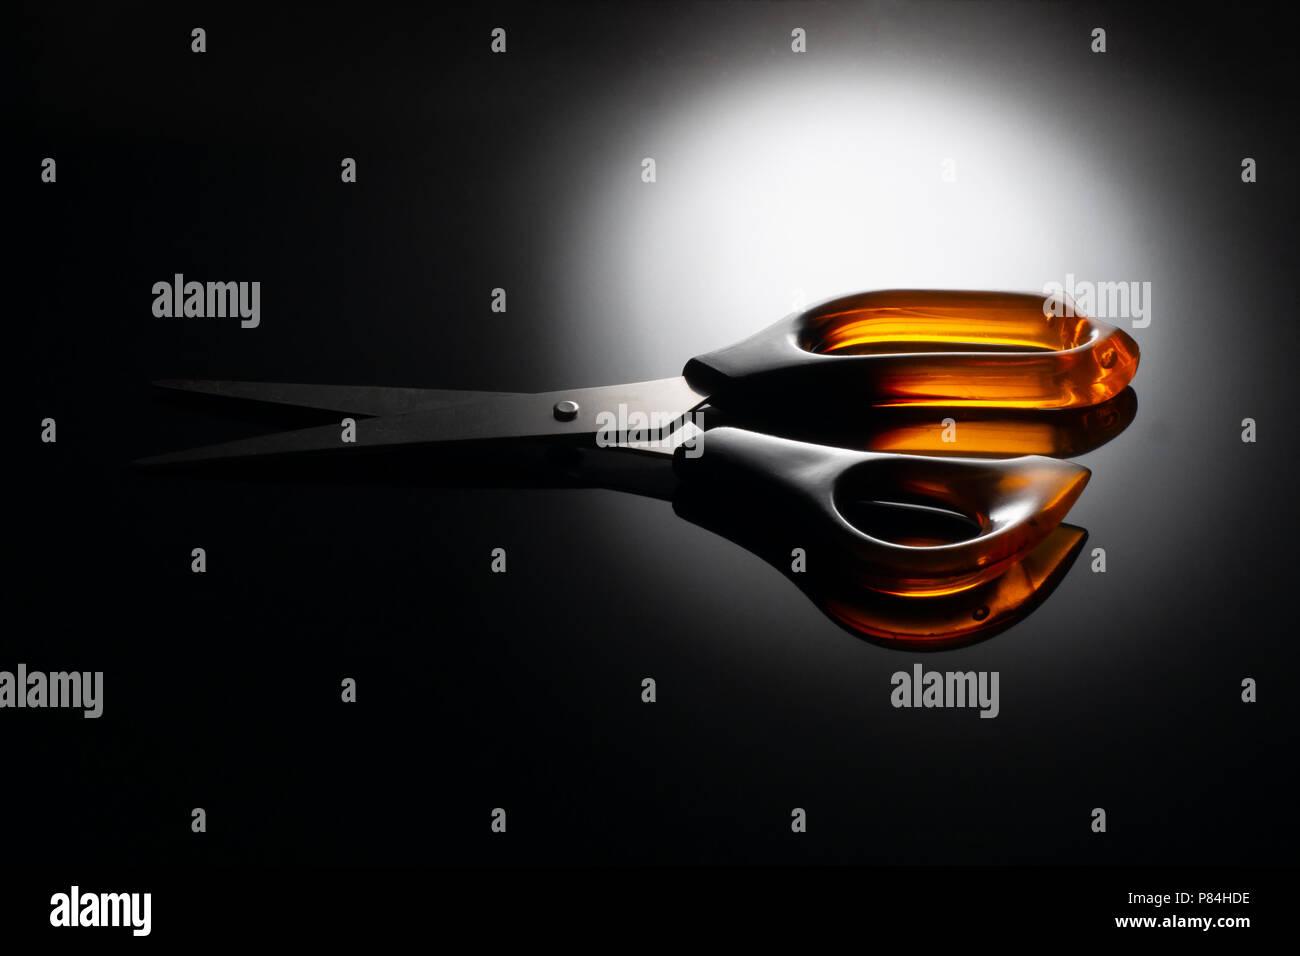 Griff aus Kunststoff Schere auf glänzende, reflektierende Schwarz Spiegel effekt. Dramatische Beleuchtung. Stockbild